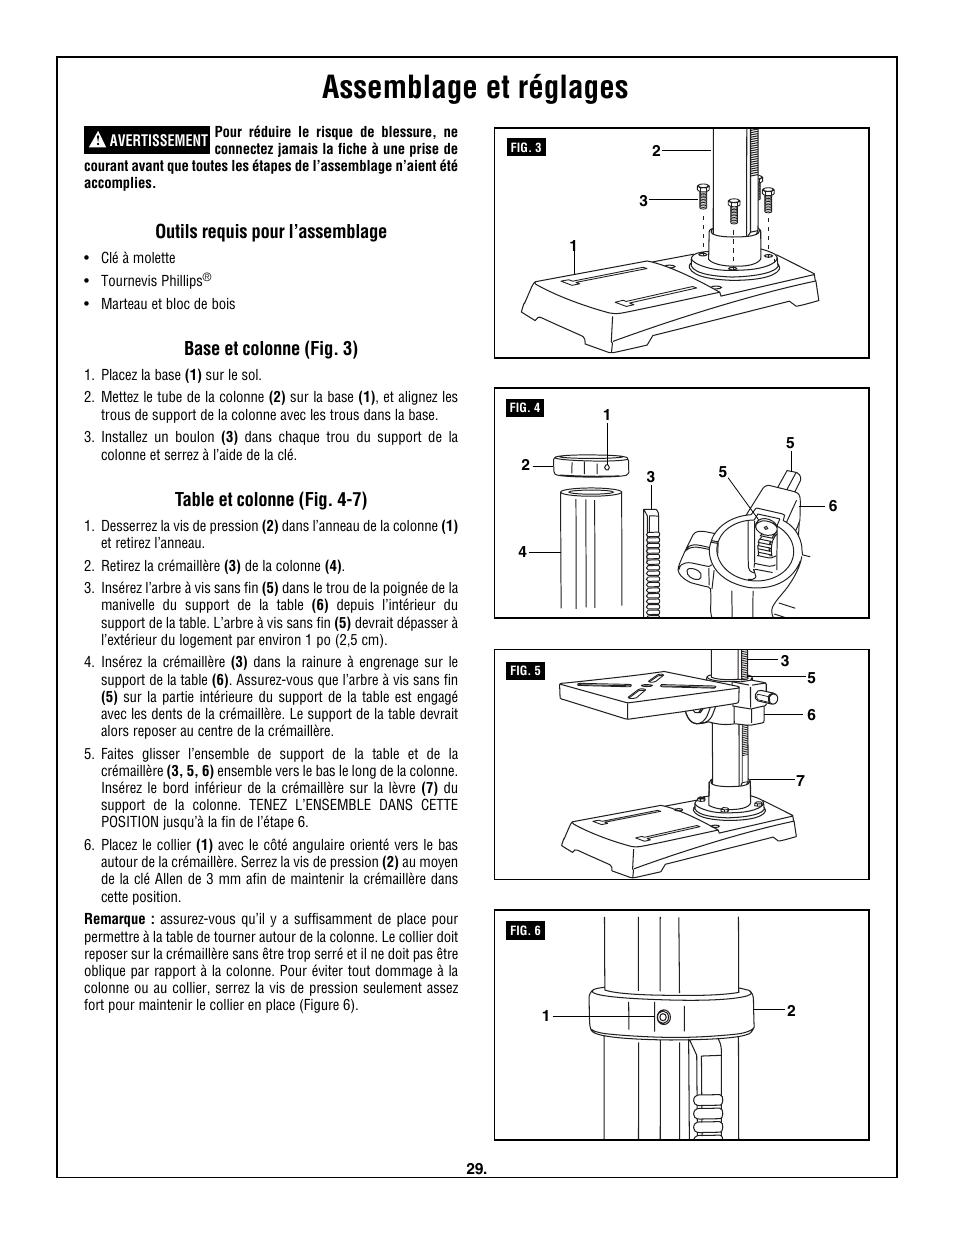 assemblage et r glages outils requis pour l assemblage base et rh manualsdir com